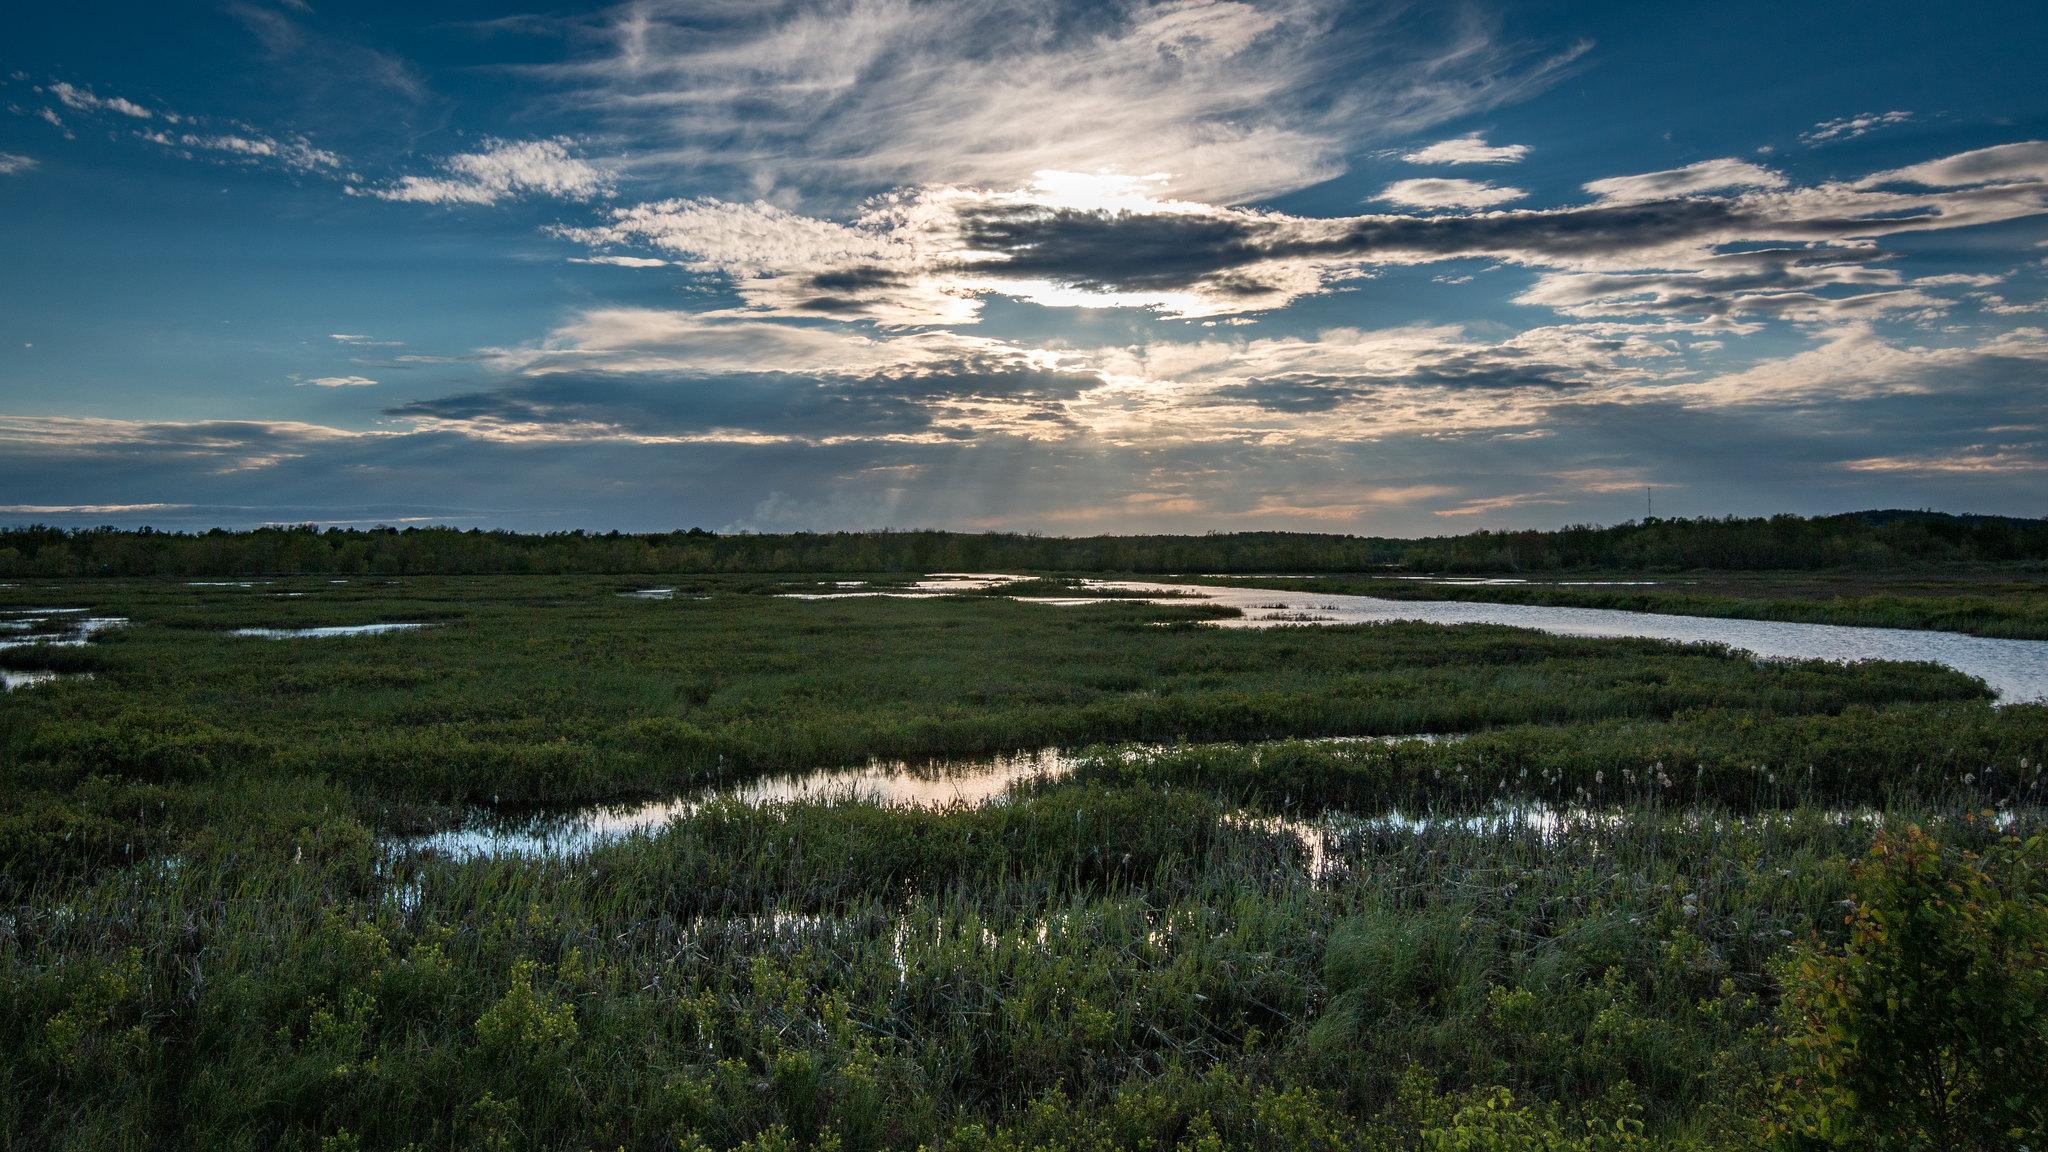 Calais - Maine - [USA]